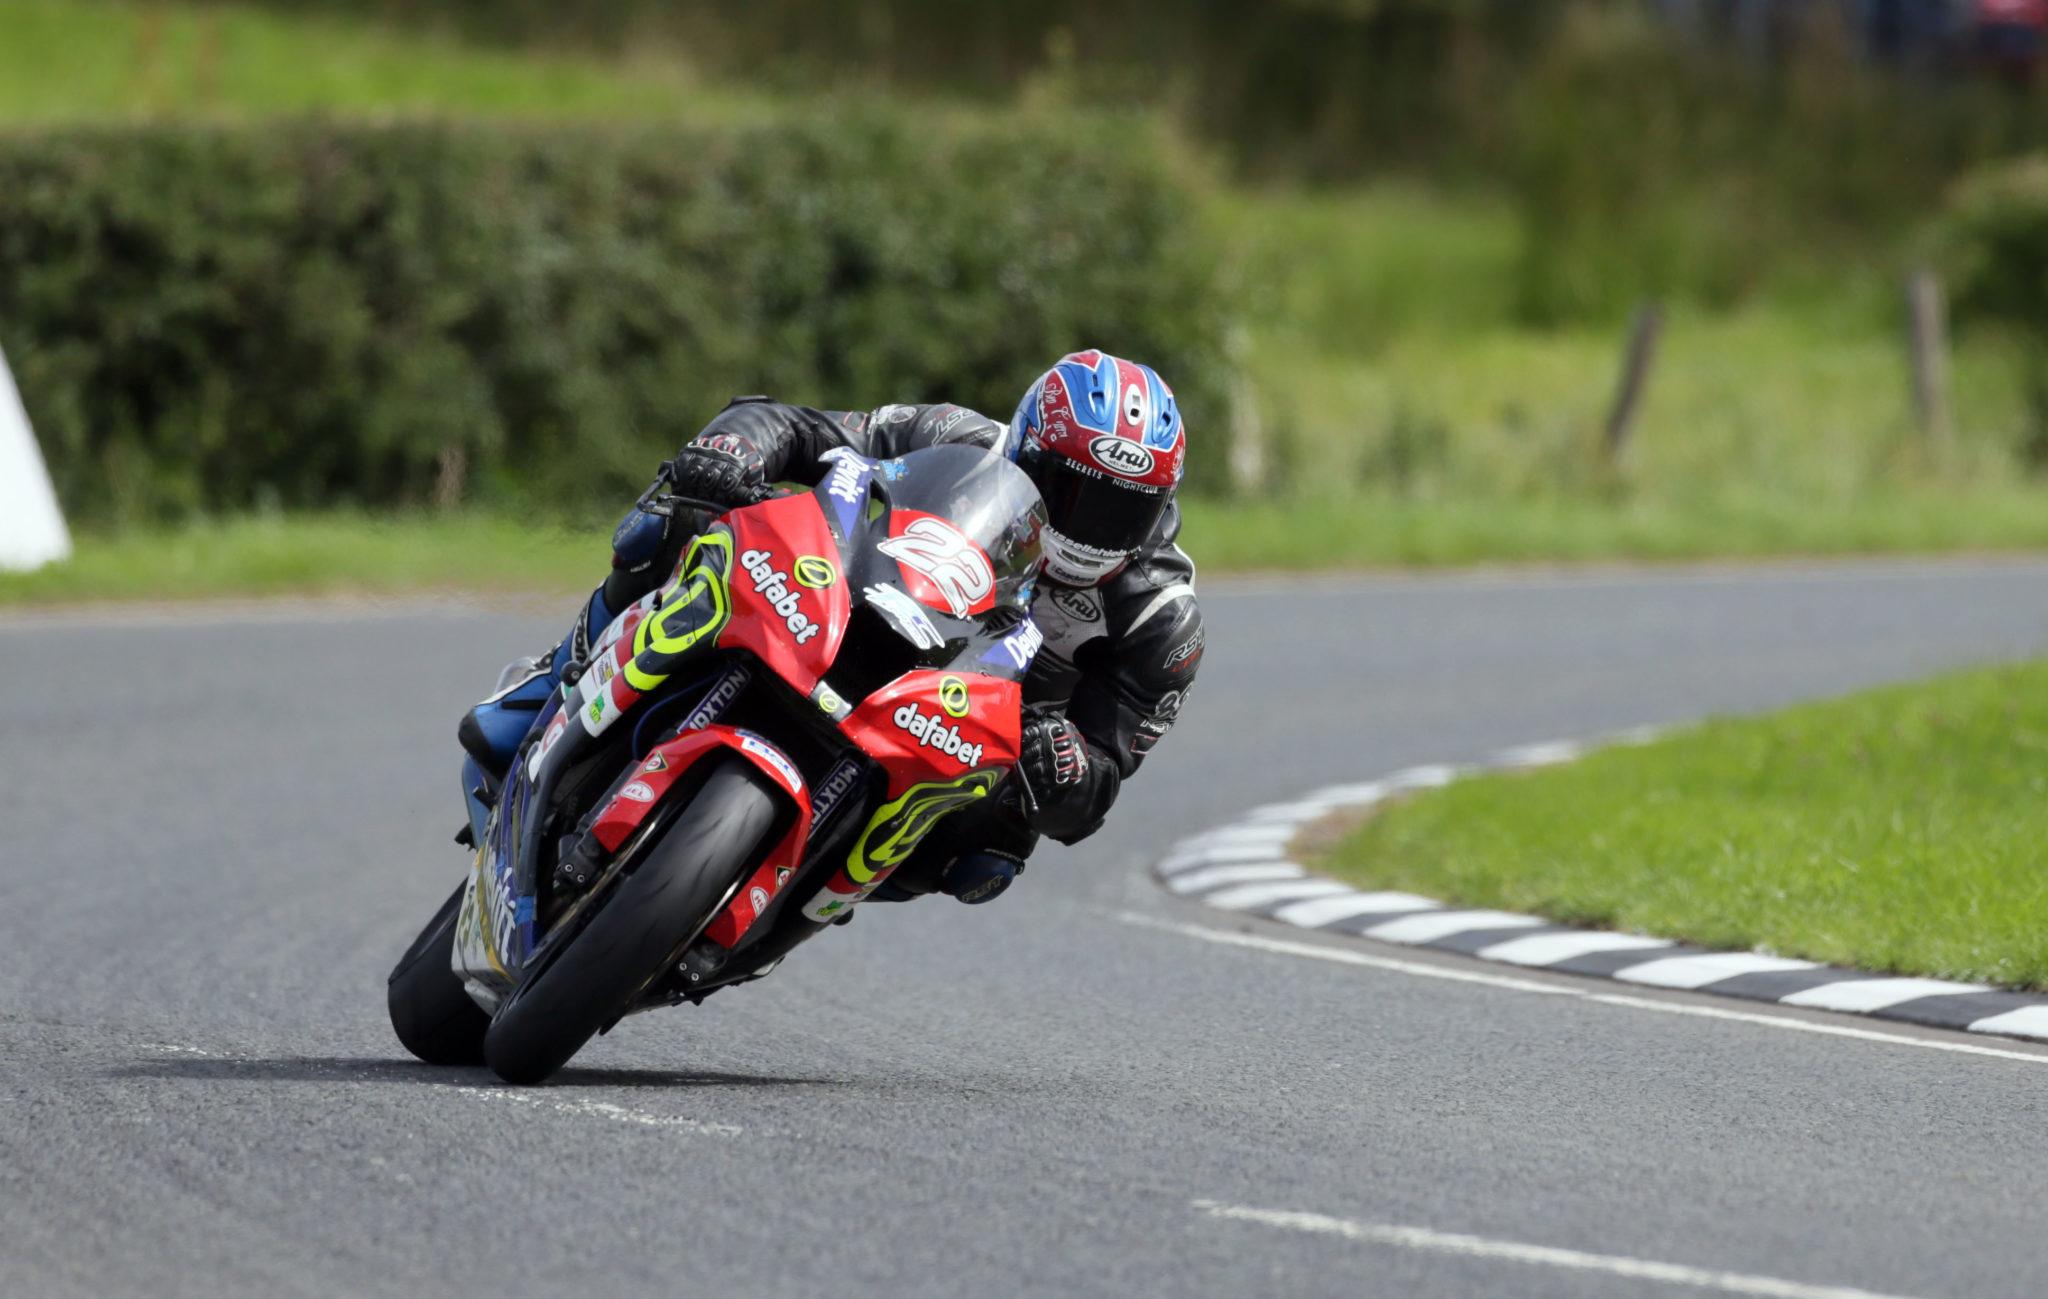 Paul Jordan at the Ulster GP credit Pacemaker Press International